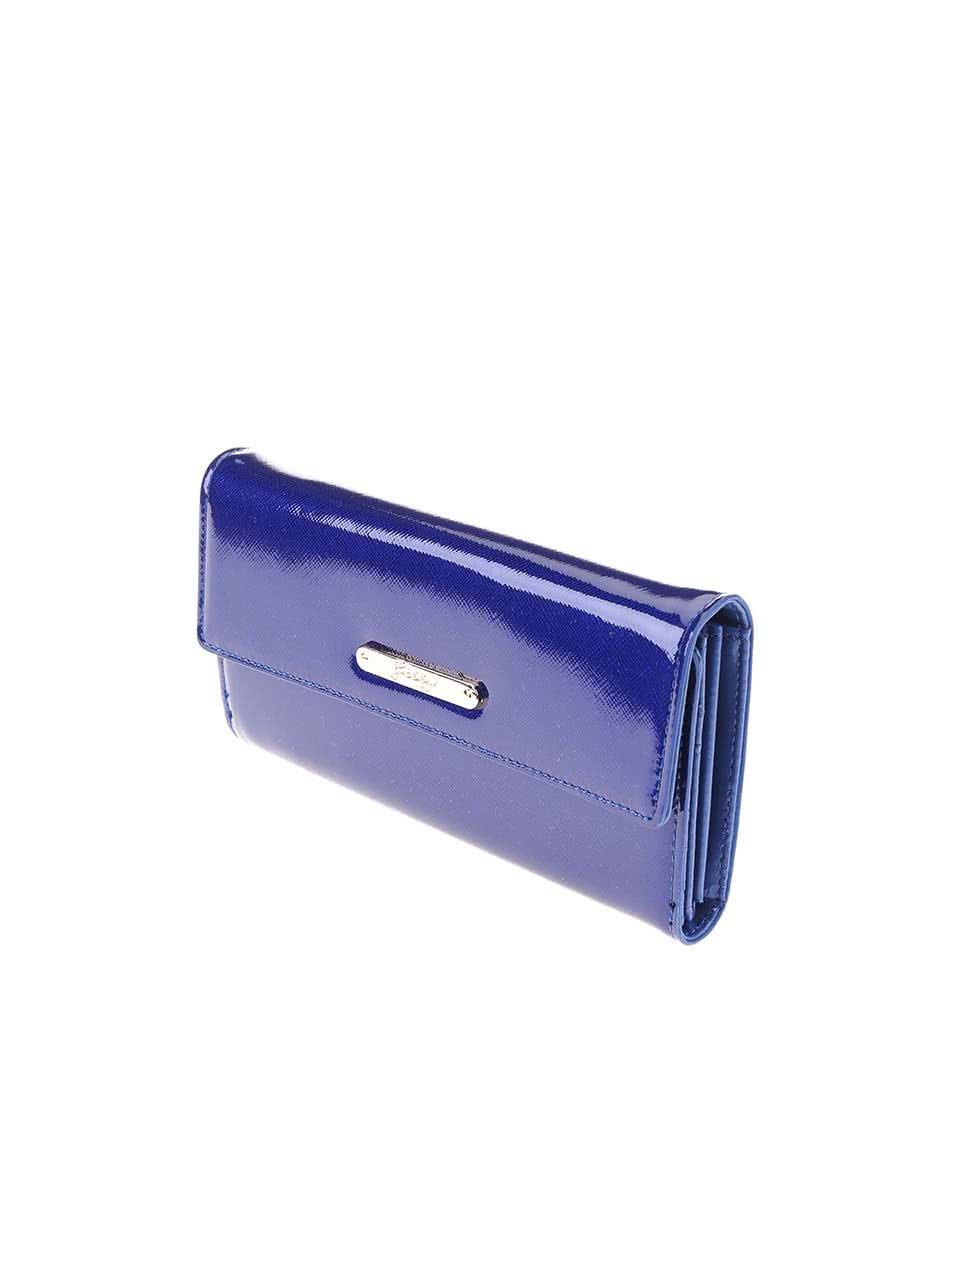 Tmavomodrá lesklá peňaženka Gessy ... a29fc705386